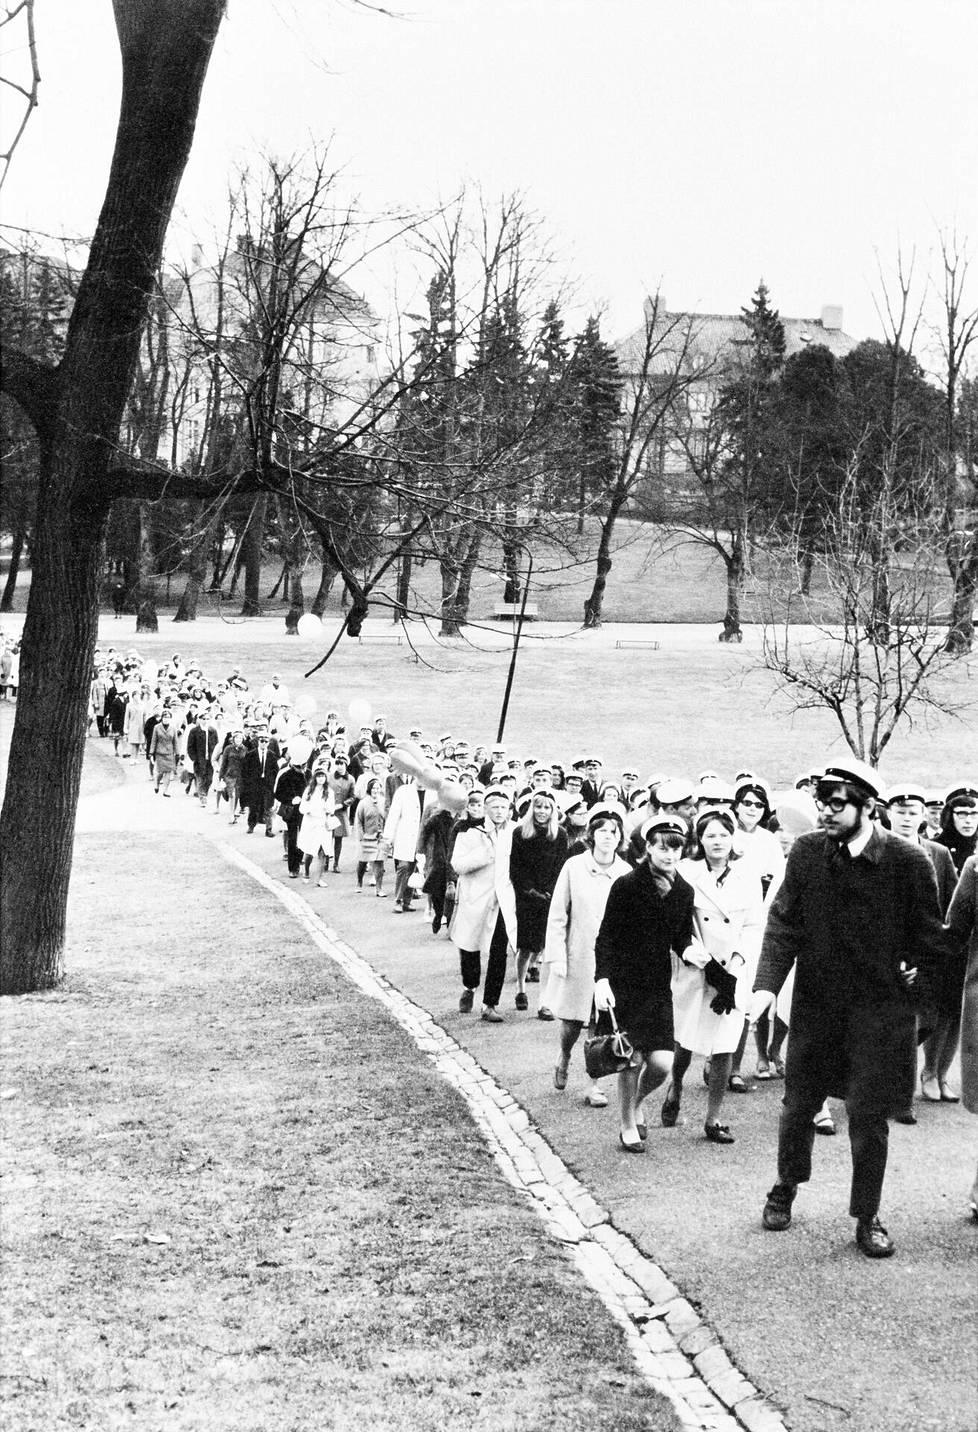 Ylioppilaat kiipeävät Ullanlinnanmäelle Kaivopuistossa vappupäivän aamuna vuonna 1968.